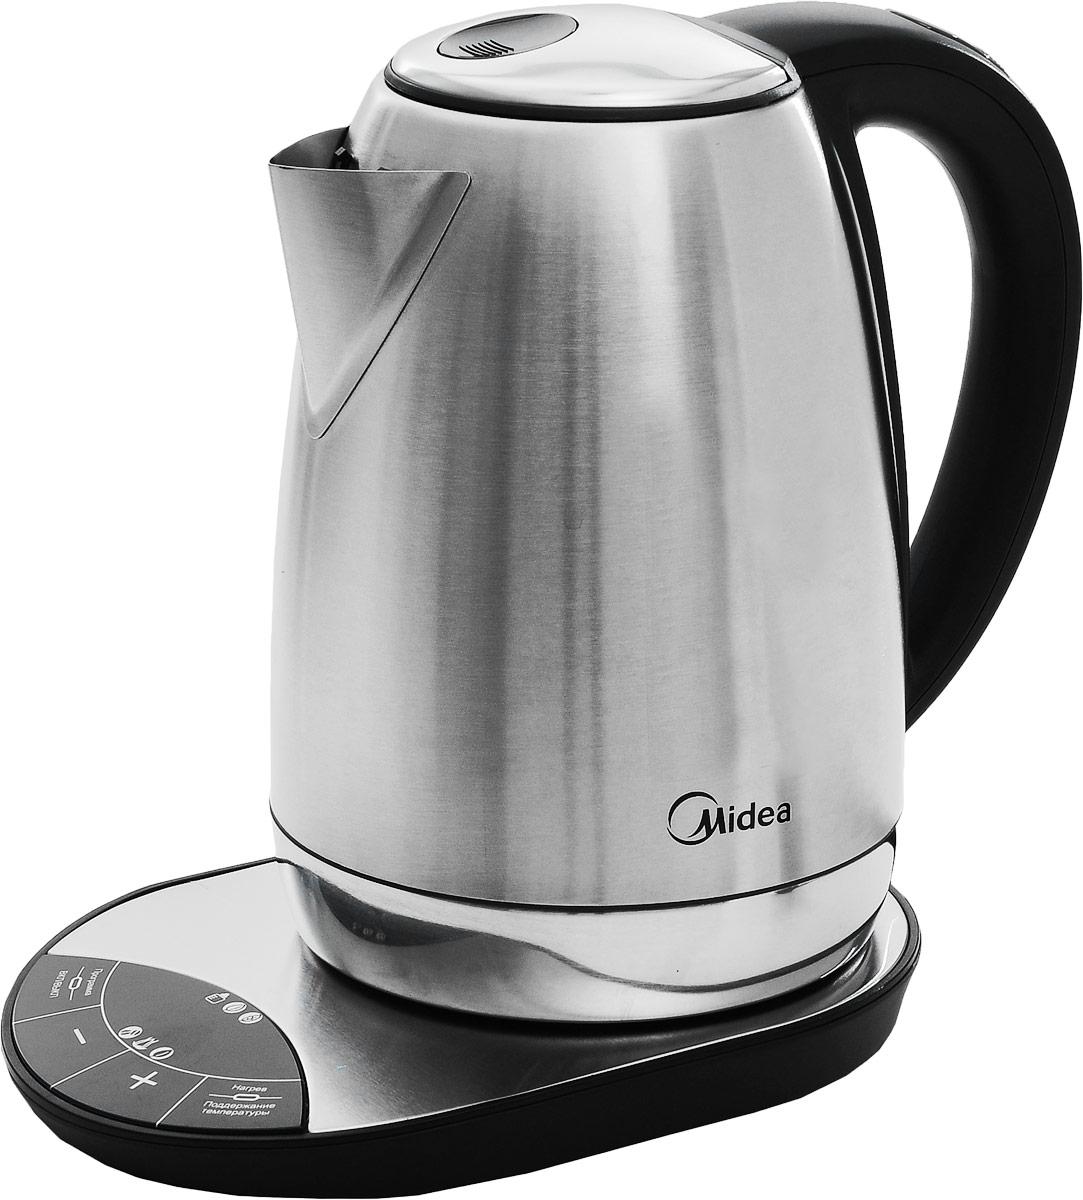 Midea MK-8080 электрический чайник чайник midea mk m317c2a rd 2200 вт 1 7 л нержавеющая сталь красный